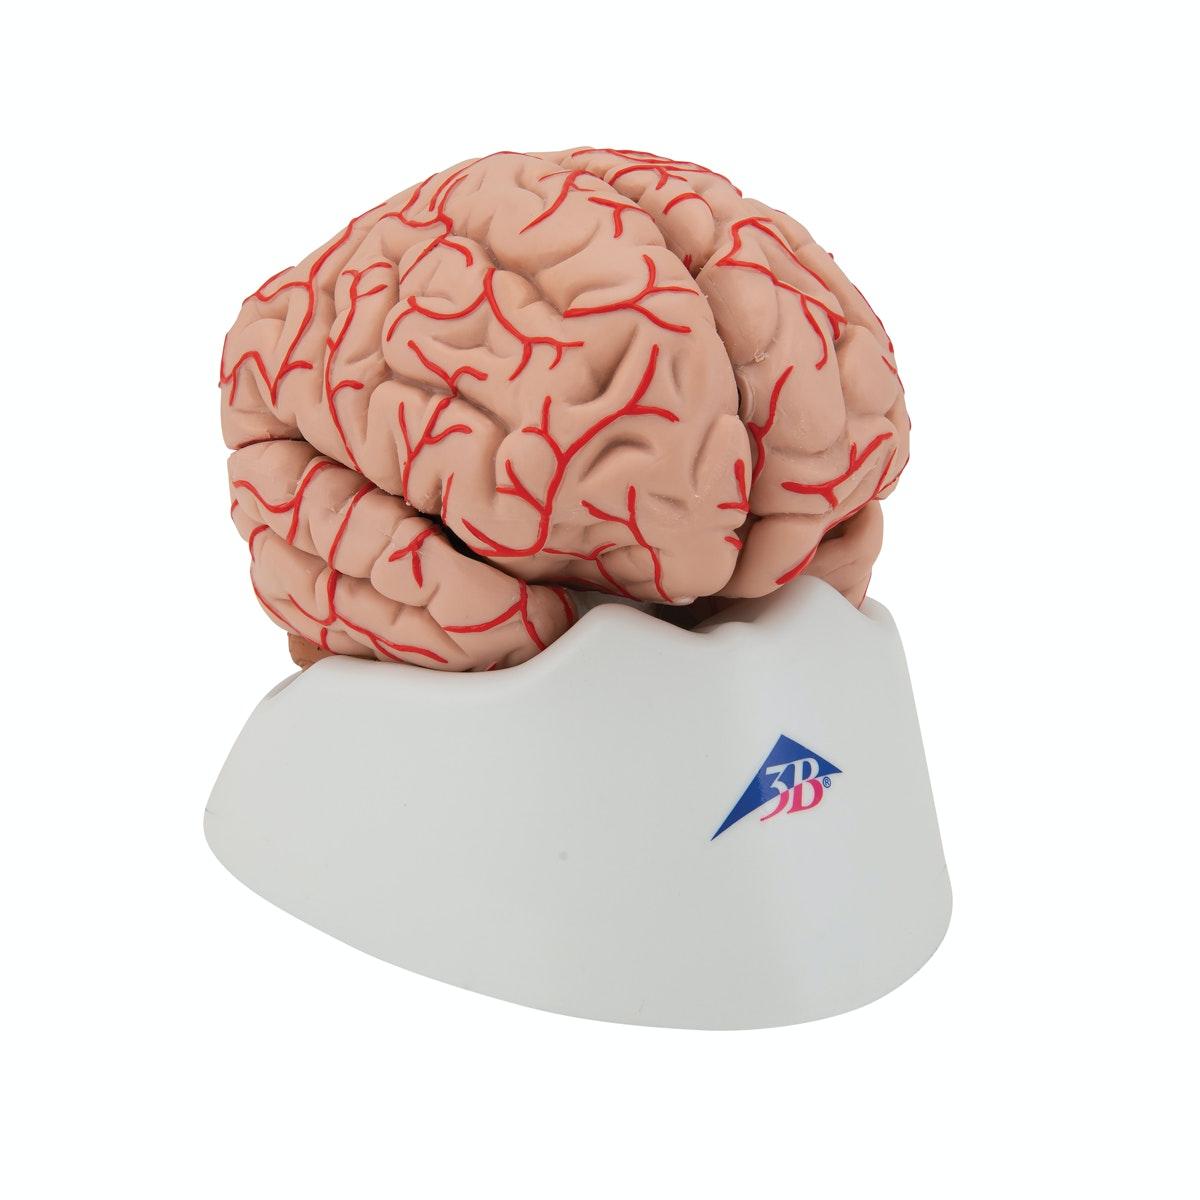 9-delt hjerne med arterier